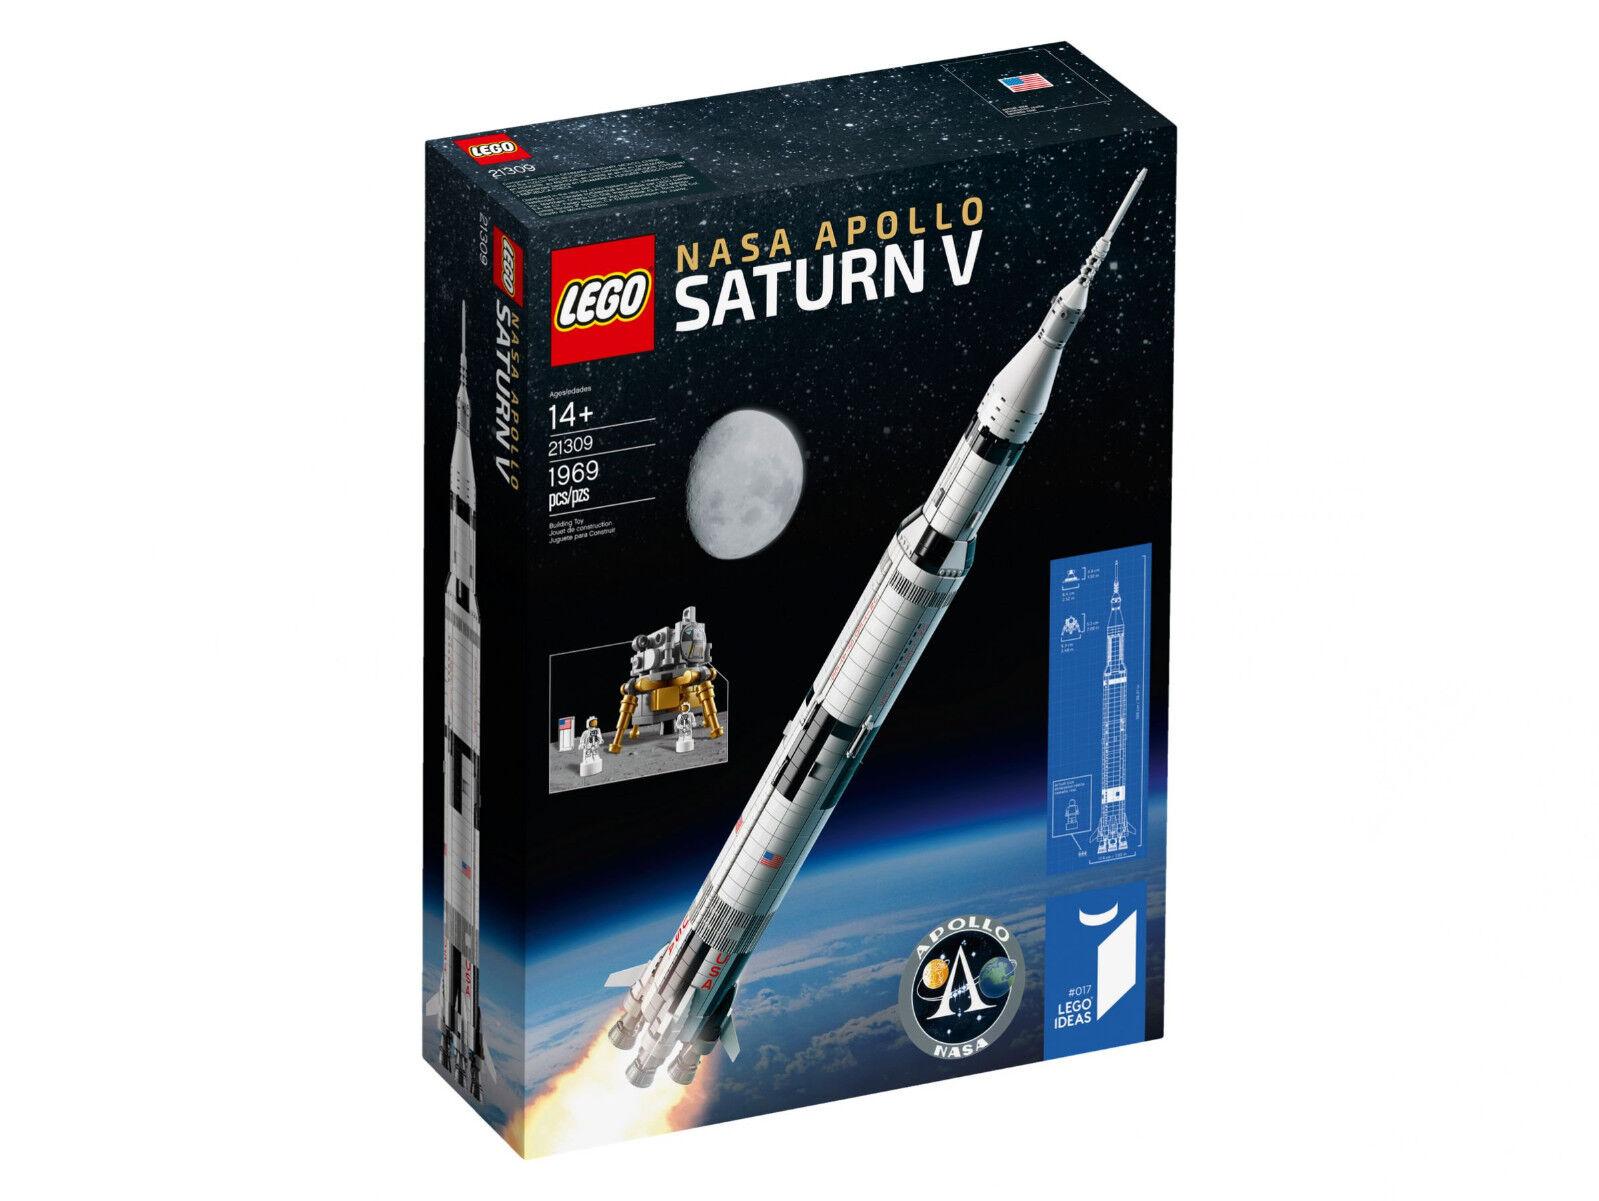 Lego ® ideas 21309 lego ® nasa Apollo Saturn V + OVP + envío rápido